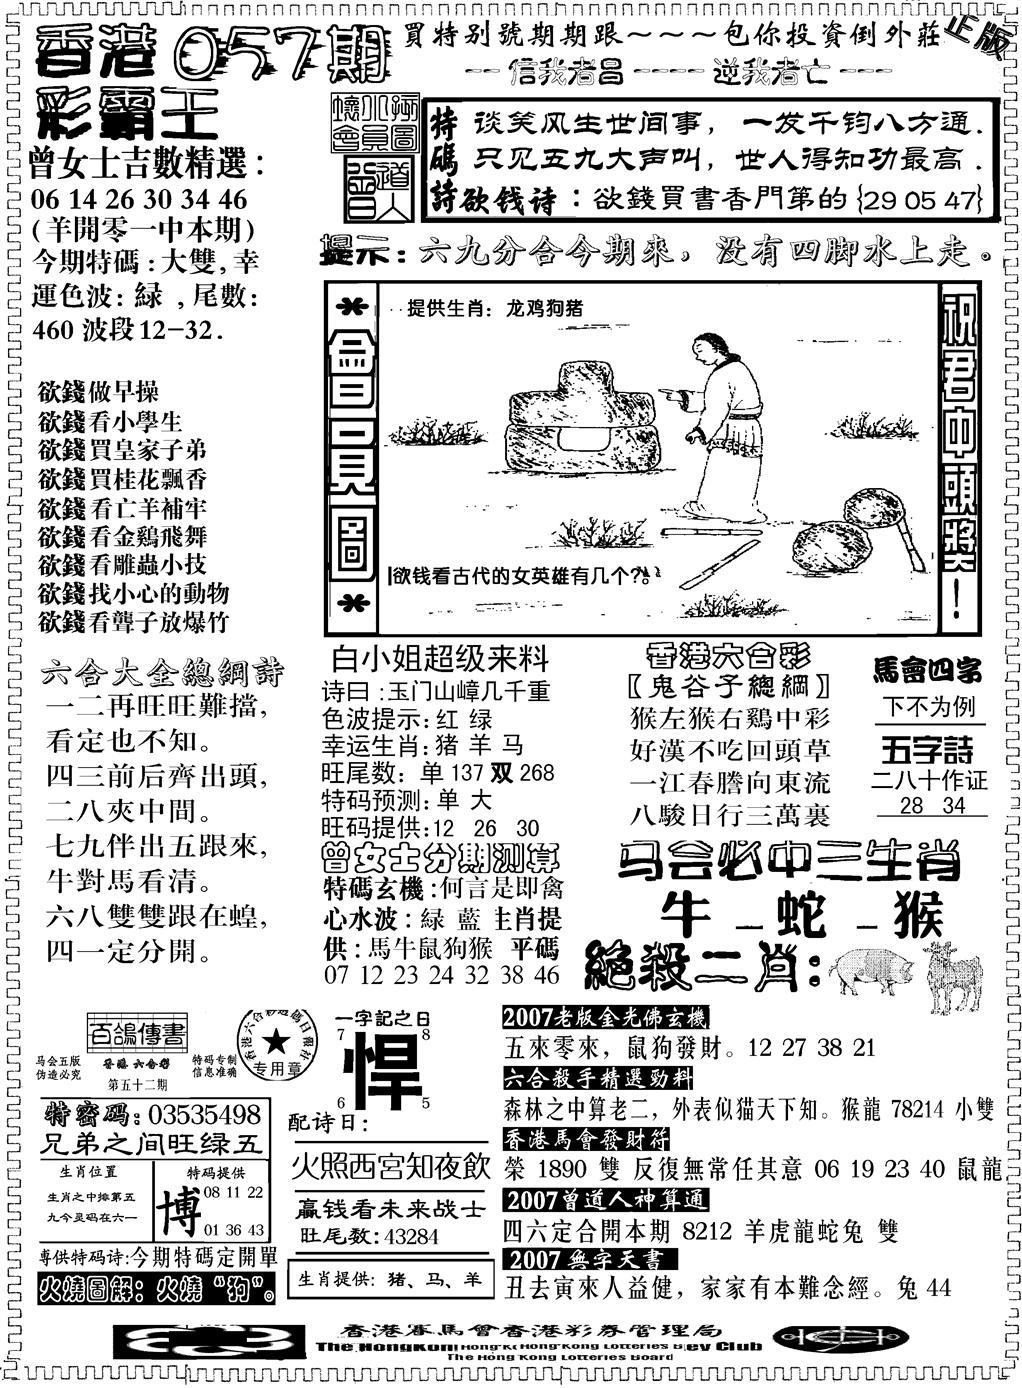 057期另版新版彩霸王B(黑白)